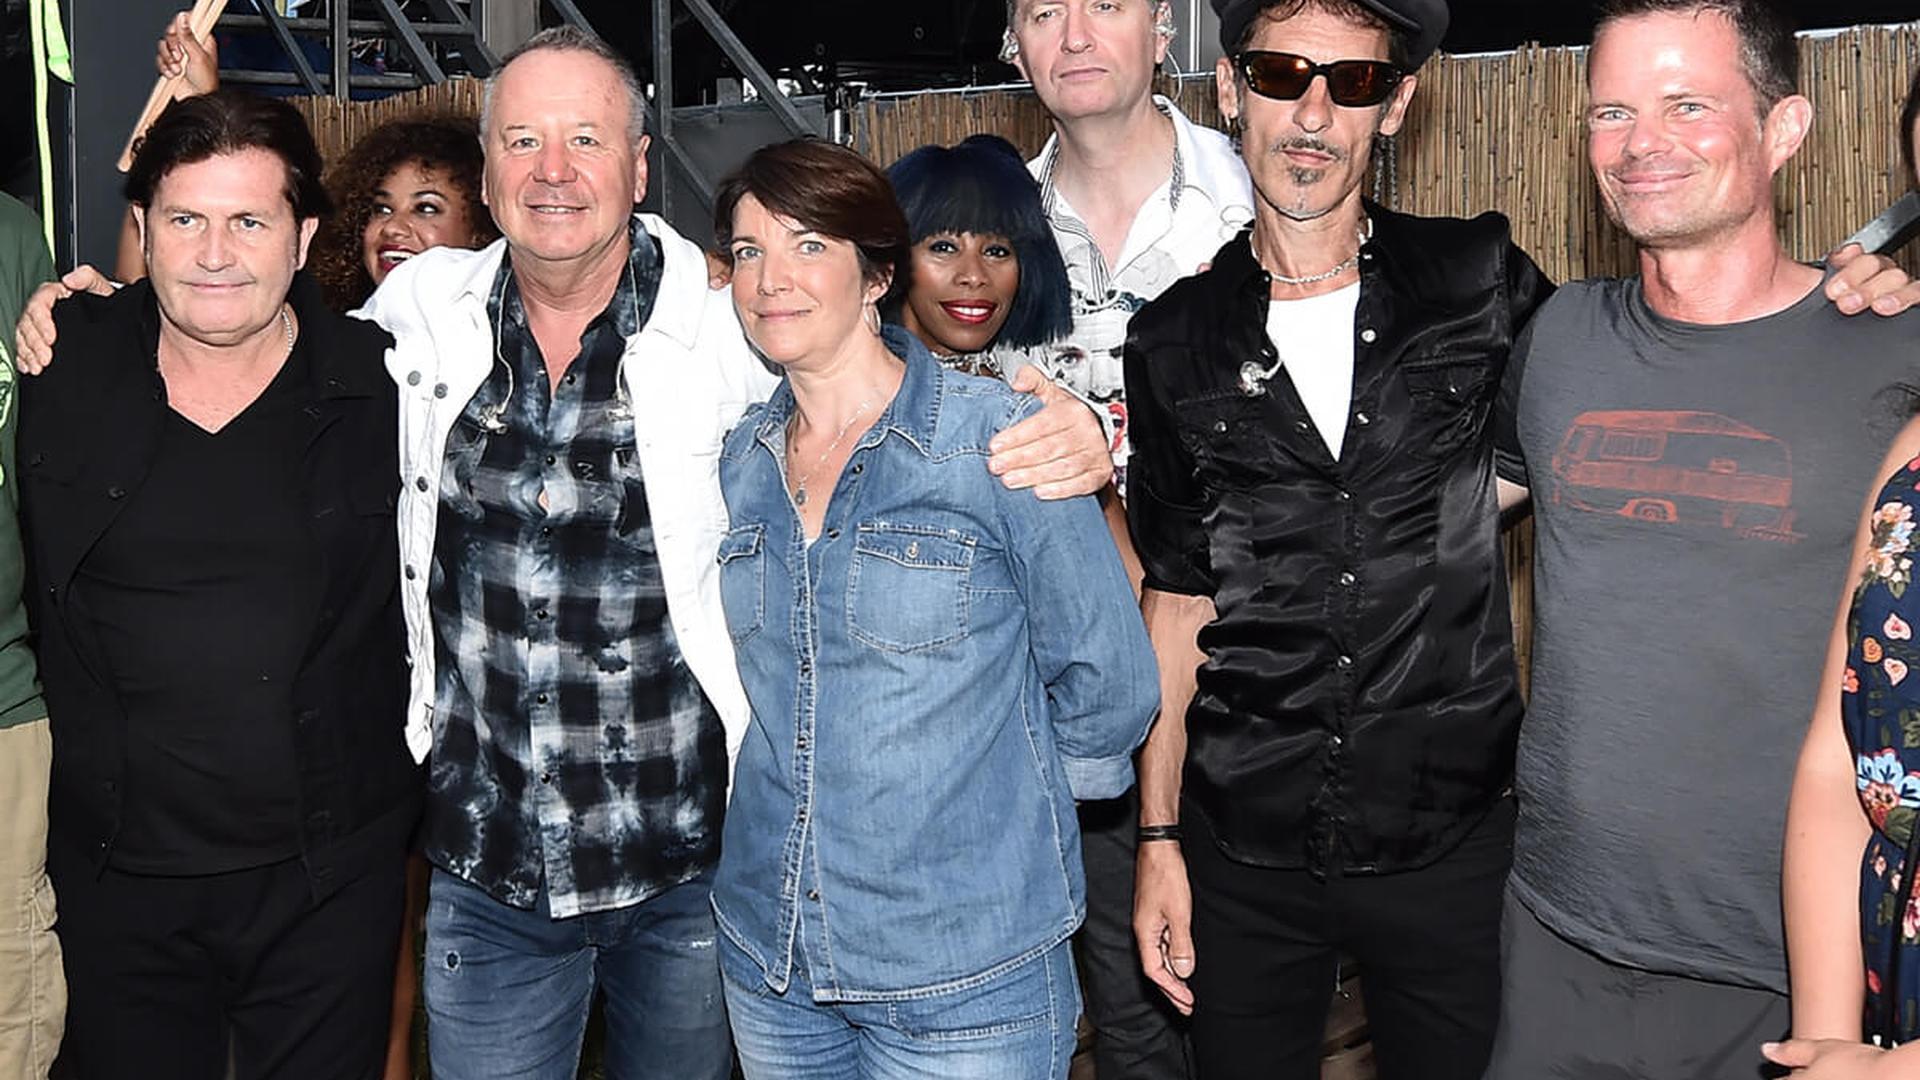 Marianne Gall (Vierte von links) und Oliver Wedlich (rechts) haben das Meet & Greet mit den Simple Minds gewonnen.